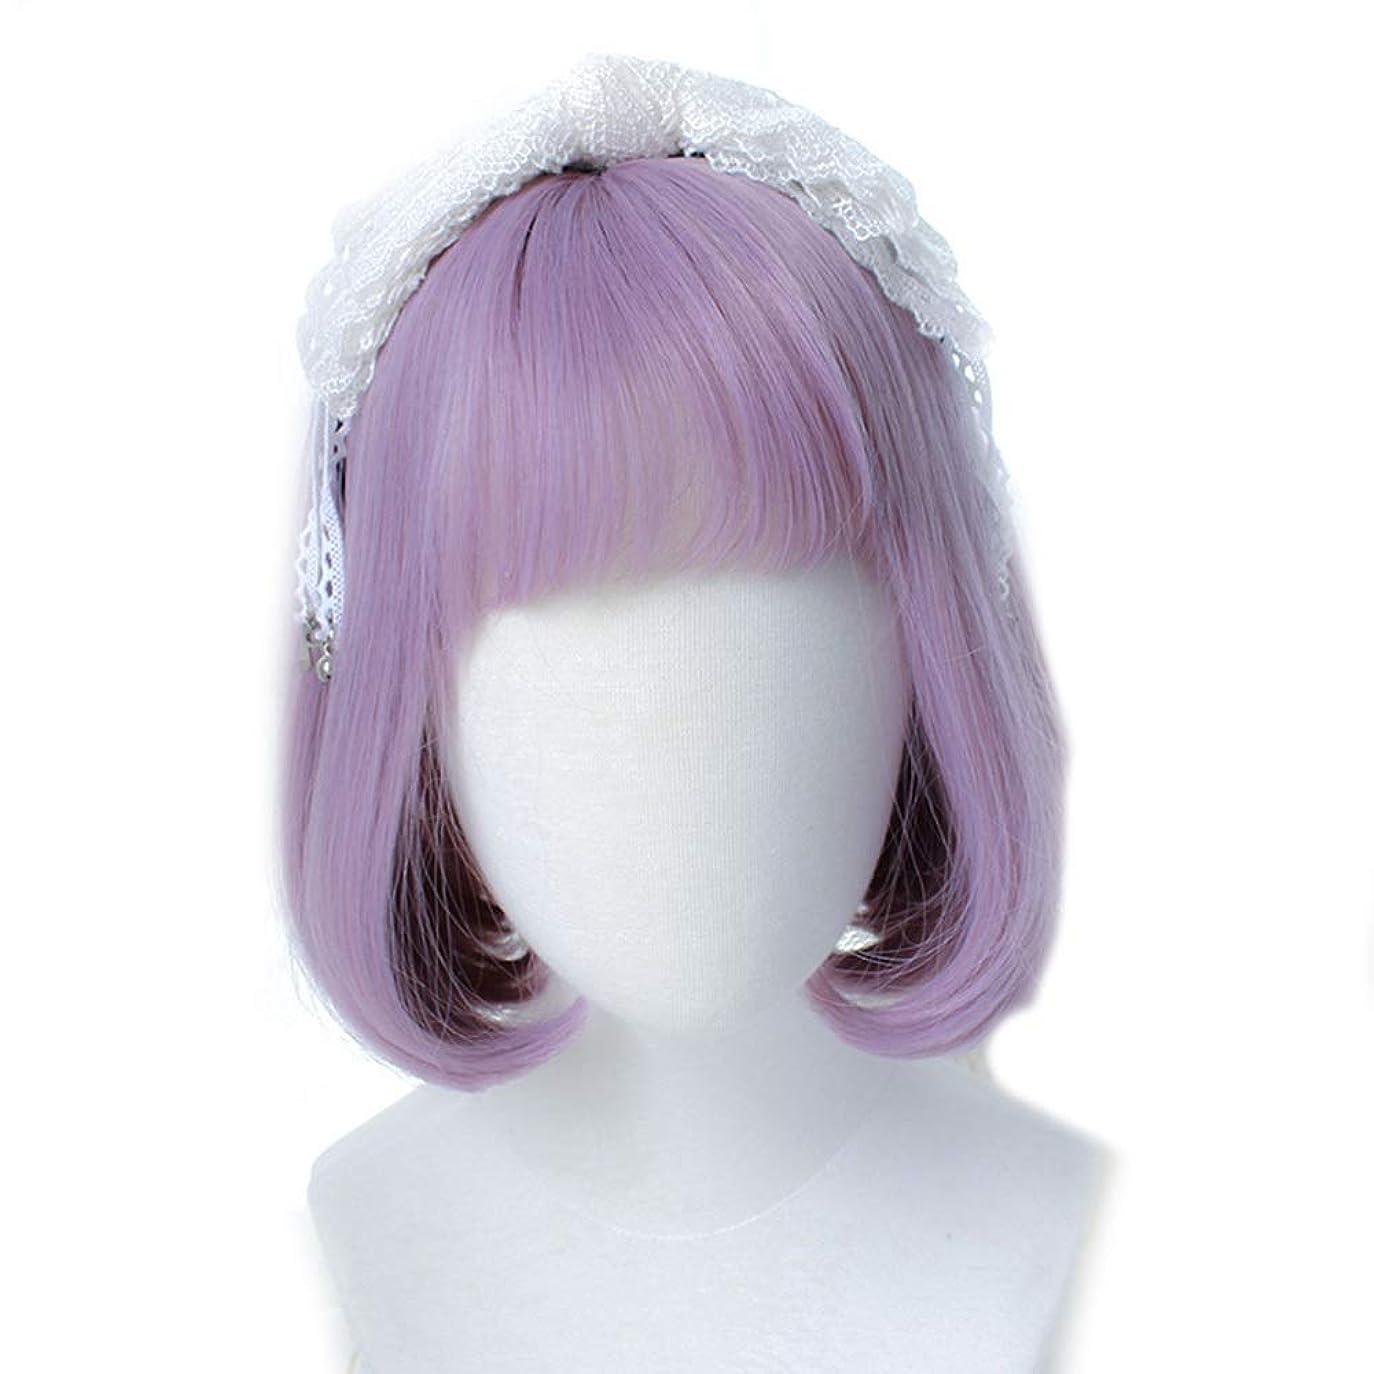 ポンペイ成功未接続Isikawan 女性のためのヘアコスプレパーティードレスショートボブウィッグ女の子のナシヘッドショートカーリーヘアwithエアー前髪合成 (色 : Photo Color)